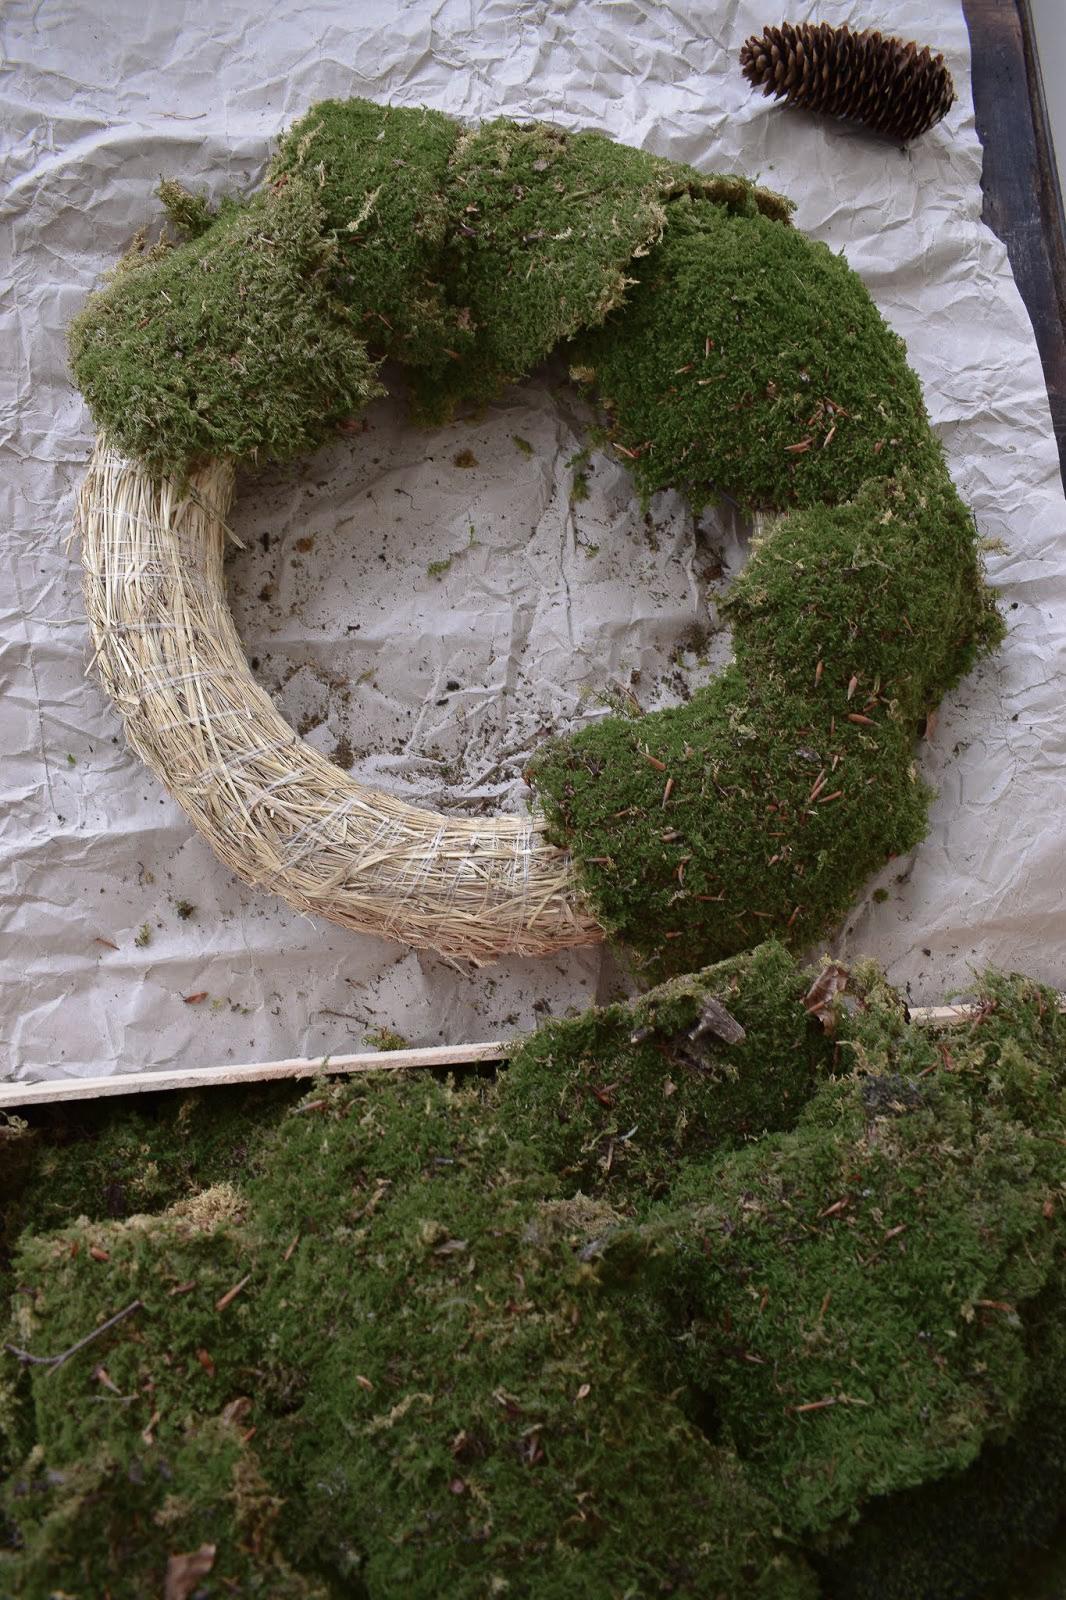 DIY Kranz binden mit Moos. Schritt für Schritt erklärt. Anleitung Mooskranz Ideen Naturdeko für Sommer und Herbst selber machen Dekoidee Dekoration Wanddeko